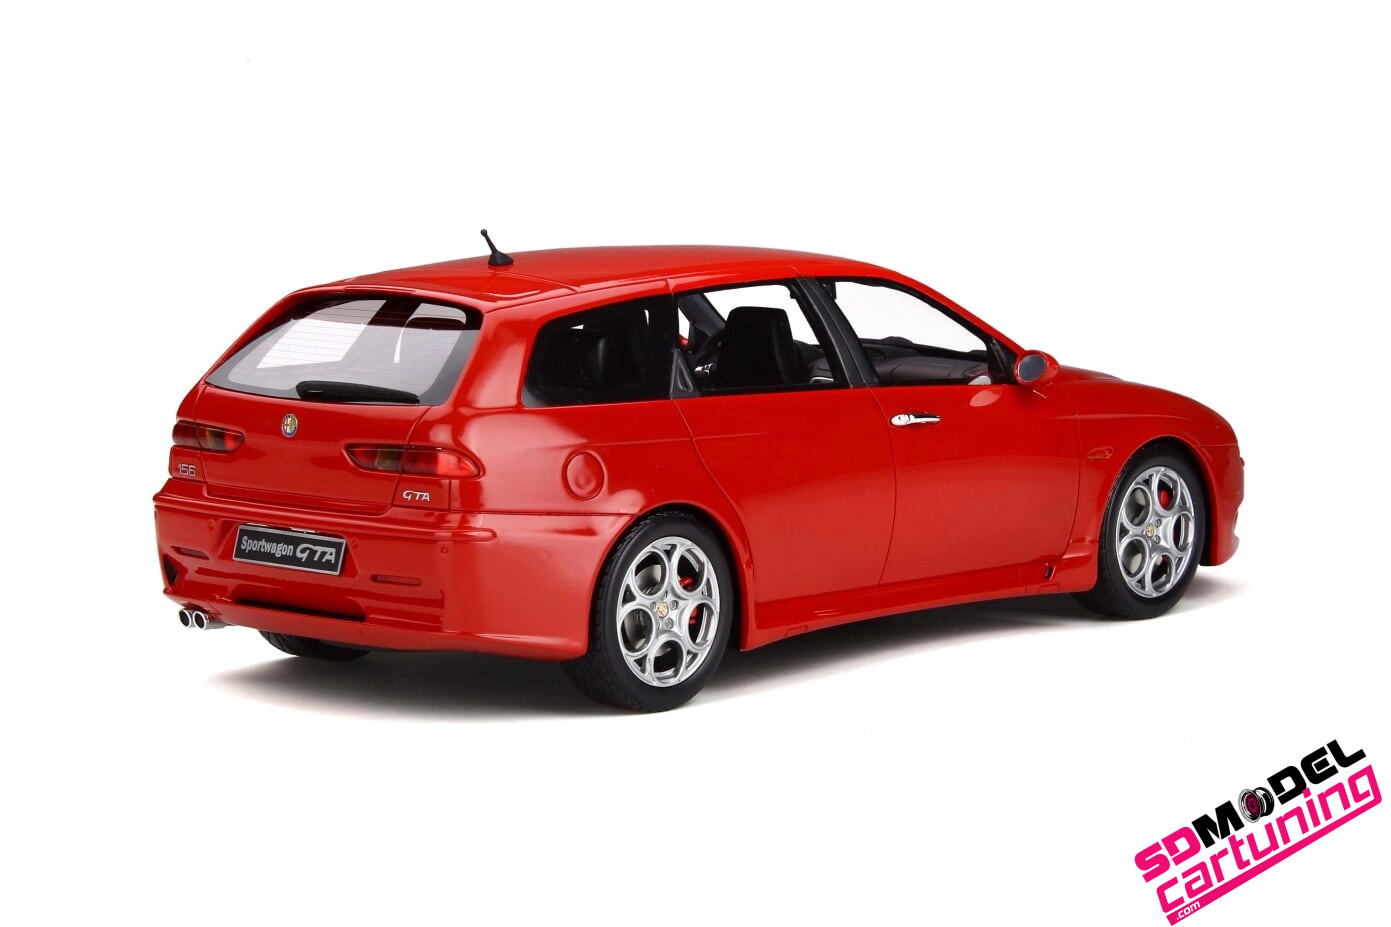 1:18 Alfa Romeo 156 GTA Sportwagon